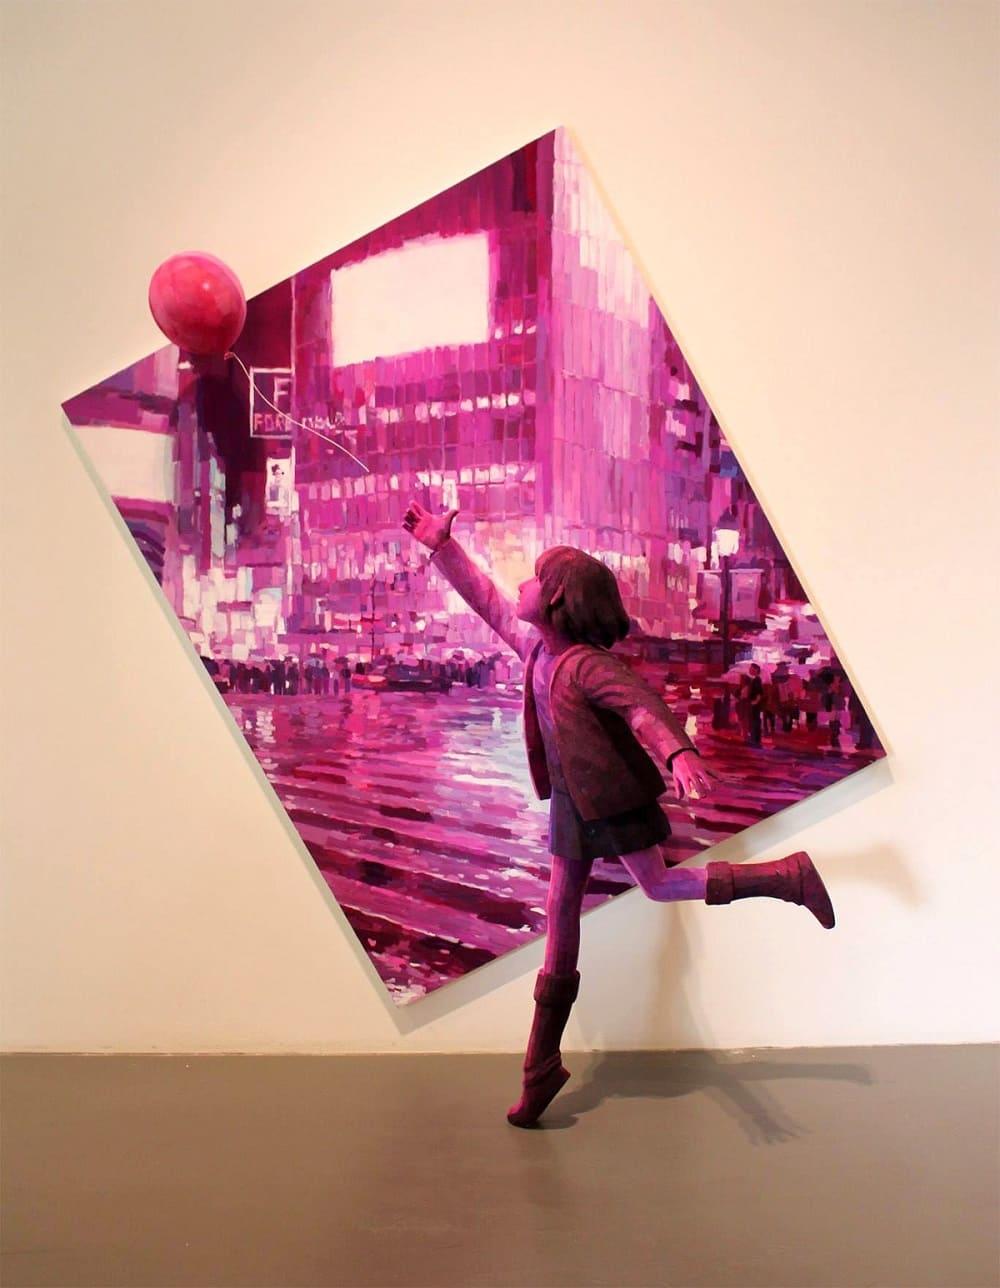 Работа японского художника Синтаро Охаты